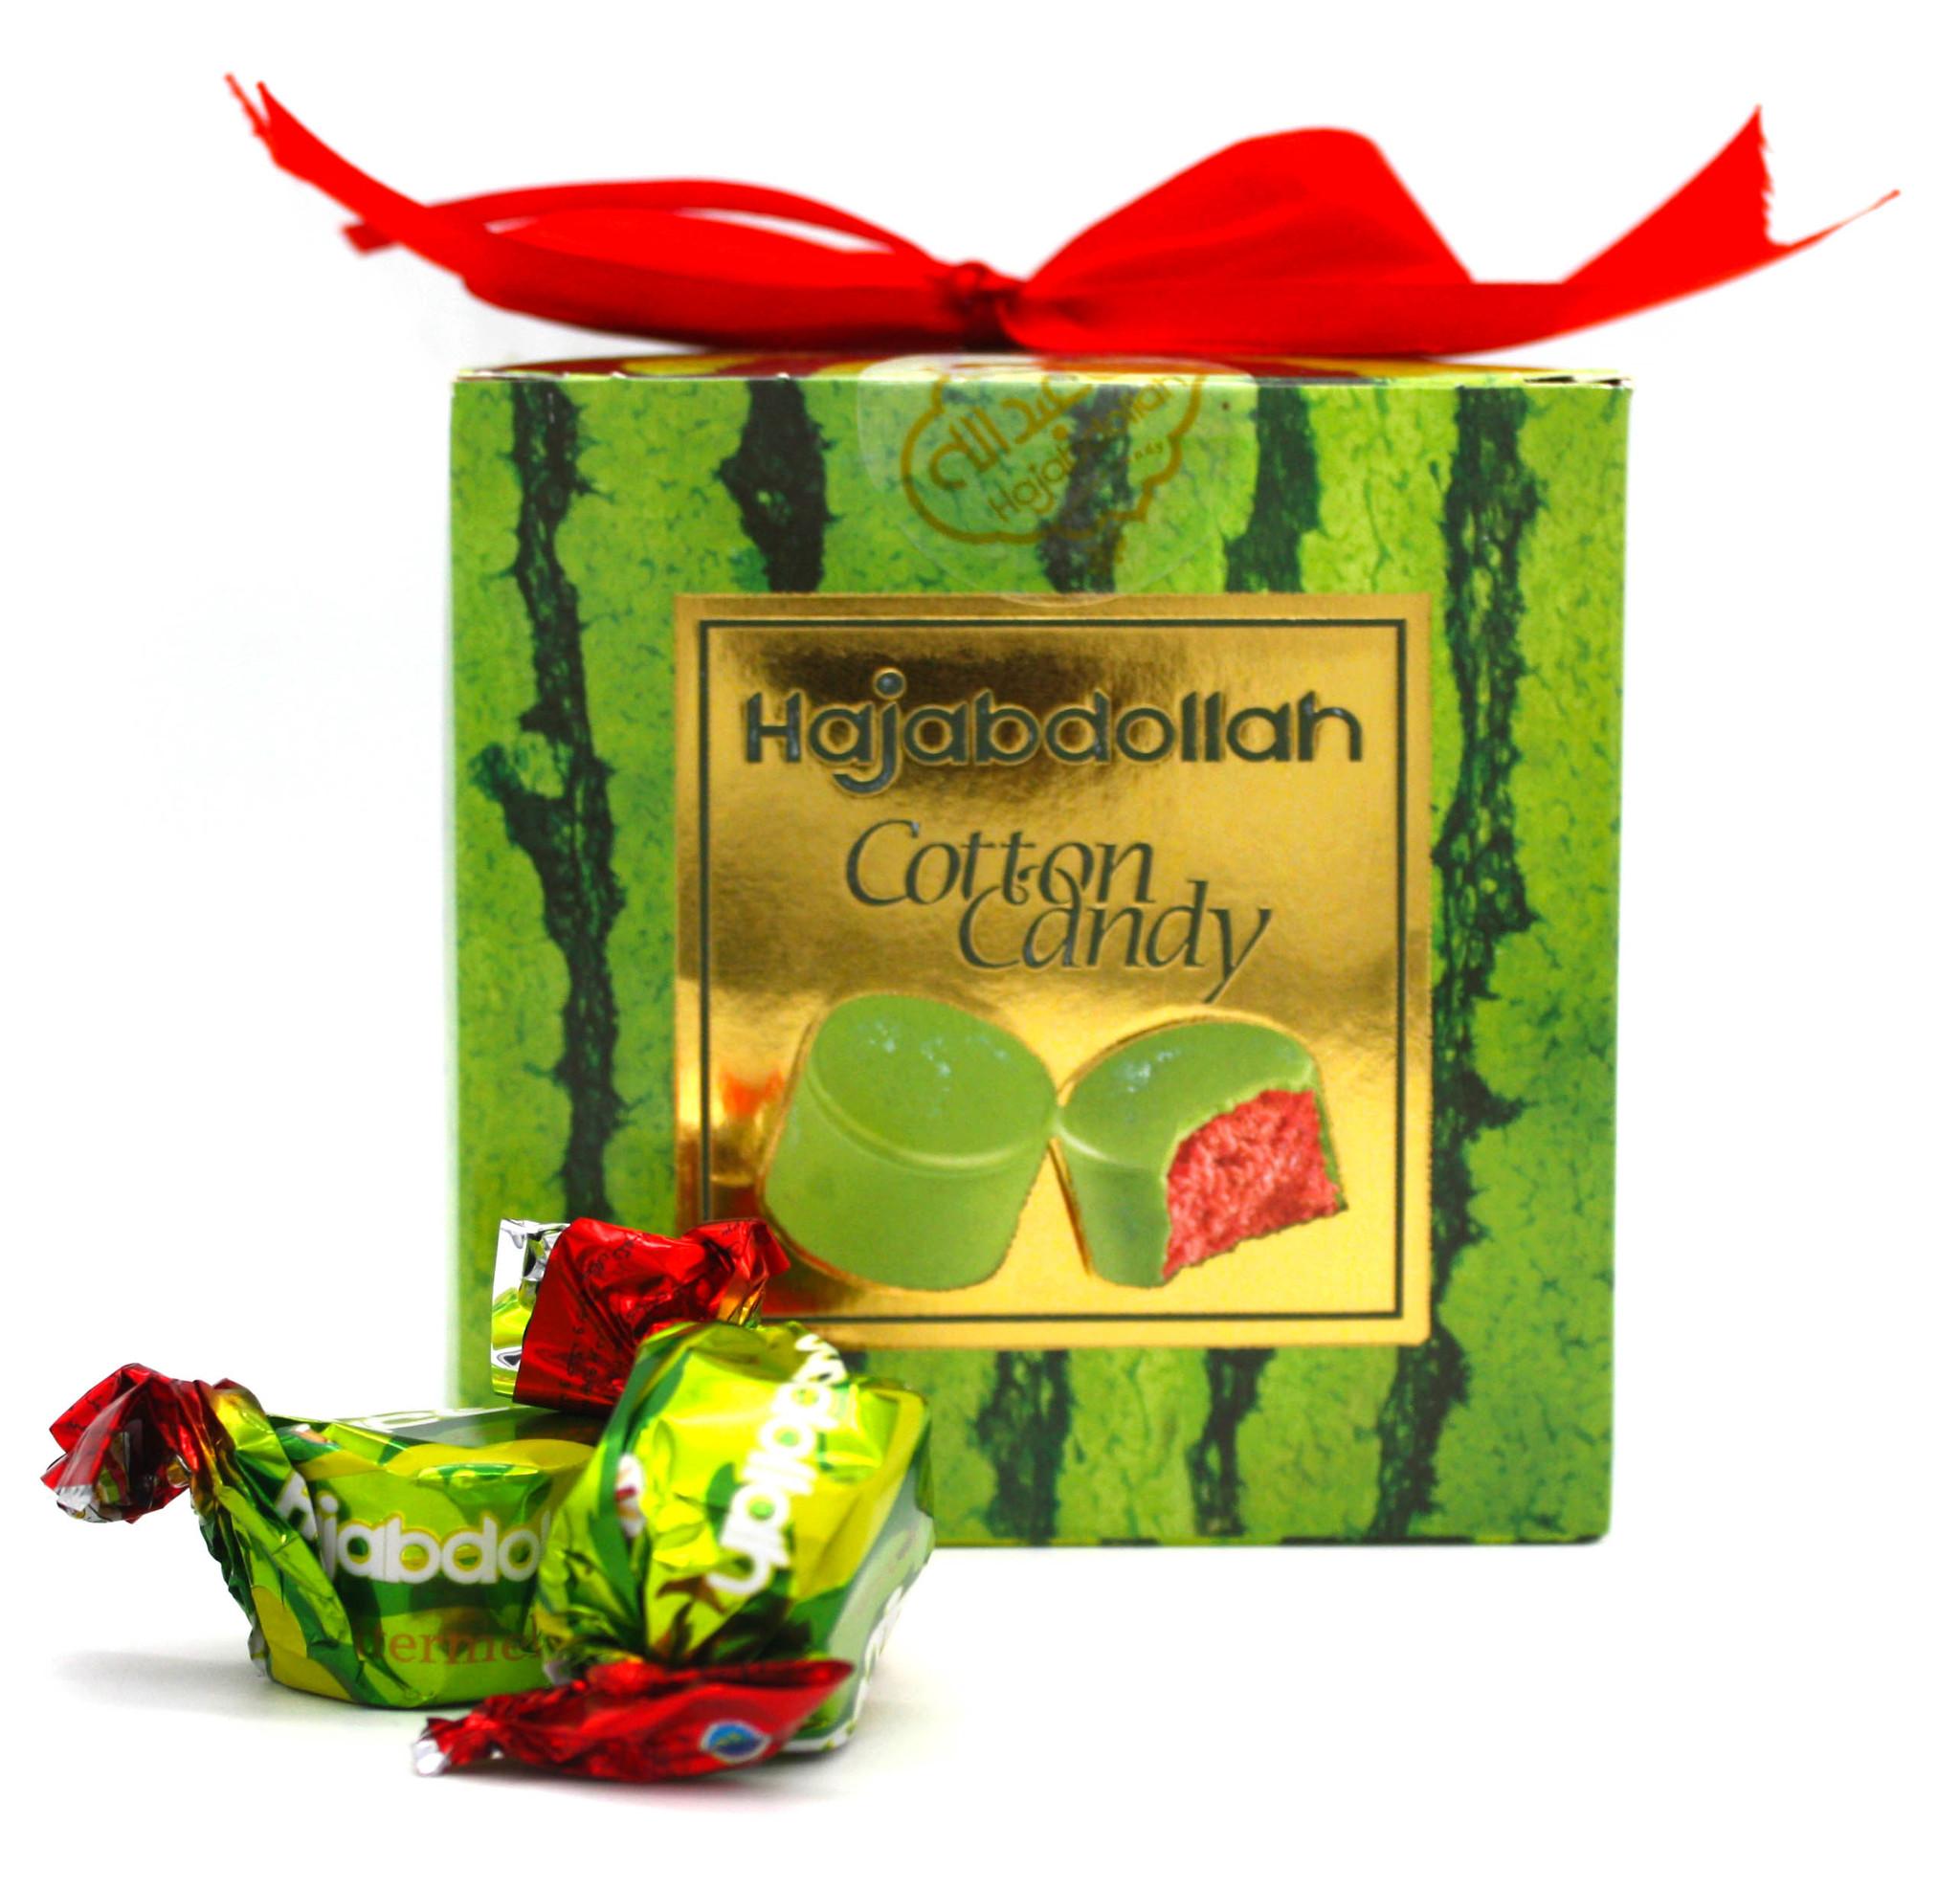 Hajabdollah Пишмание со вкусом арбуза во фруктовой глазури в подарочной упаковке, Hajabdollah, 300 г import_files_70_70070198c40811e9a9b3484d7ecee297_70070199c40811e9a9b3484d7ecee297.jpg